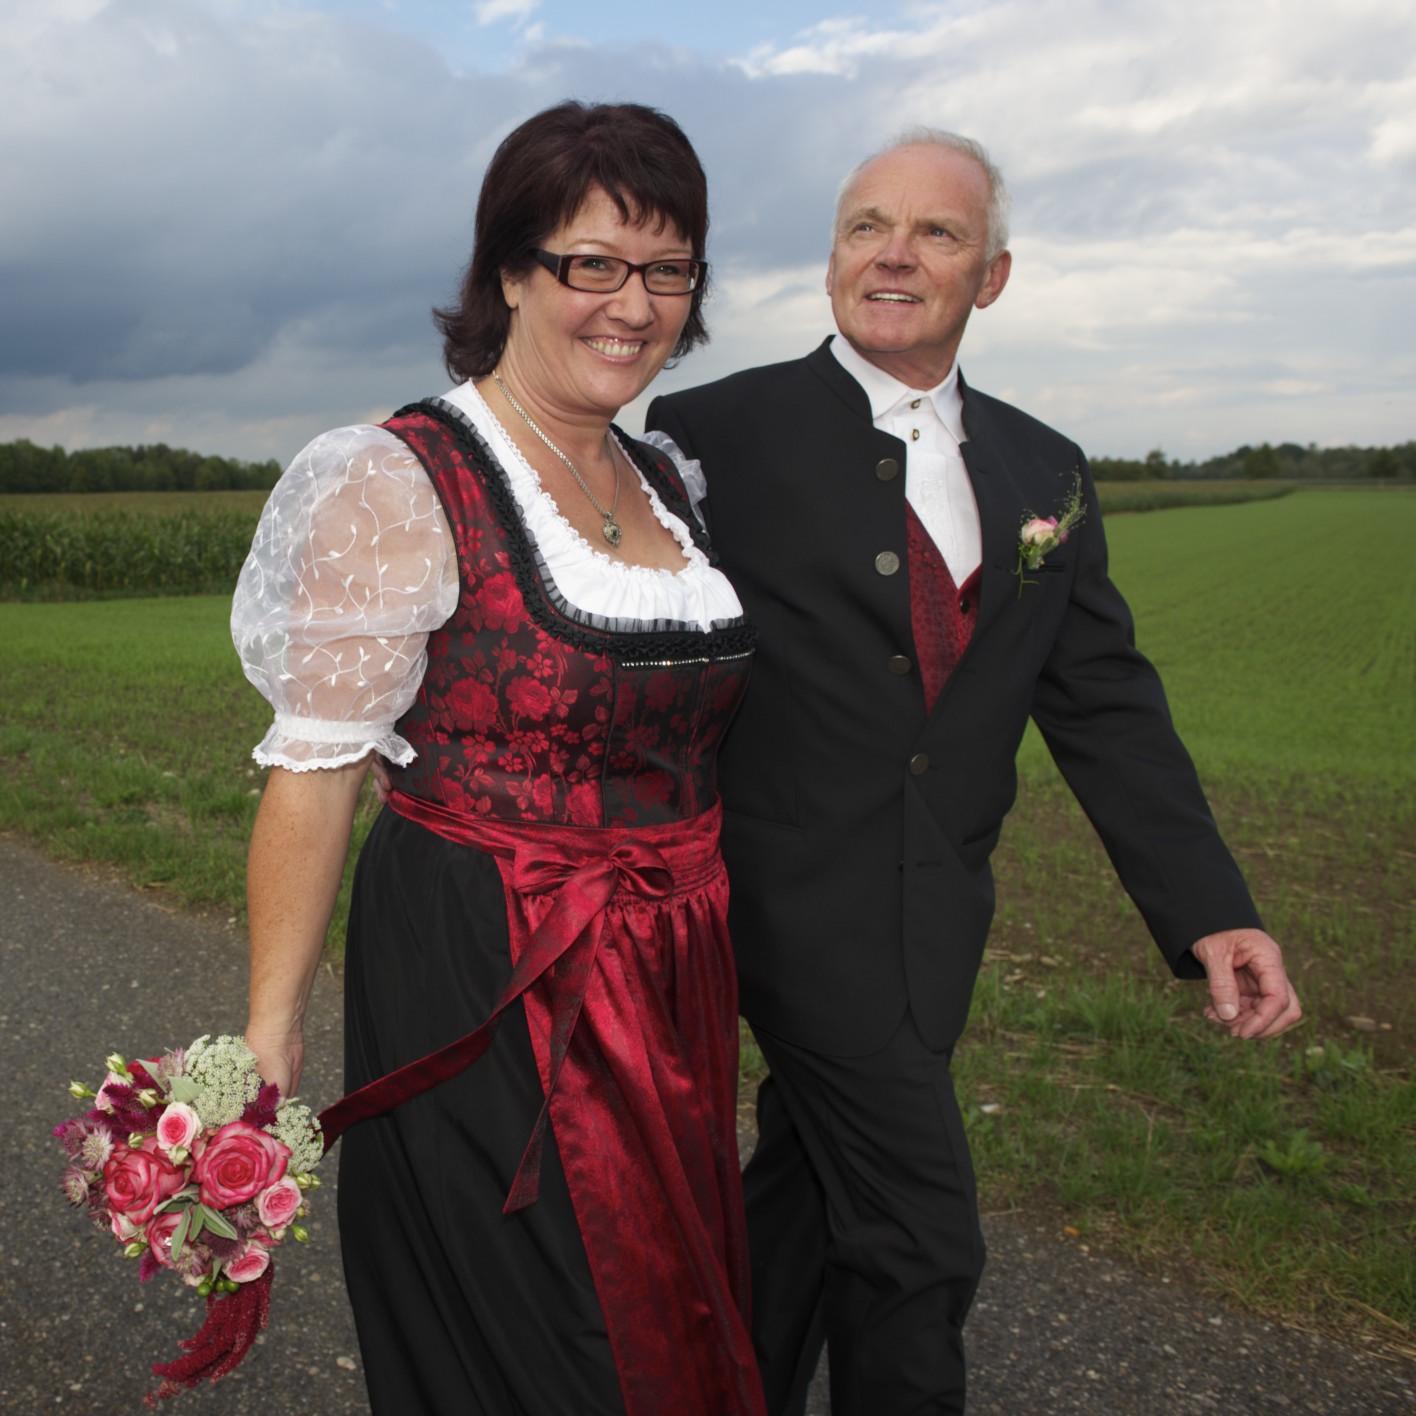 Hochzeitsbild nach der standesamtlichen Trauung